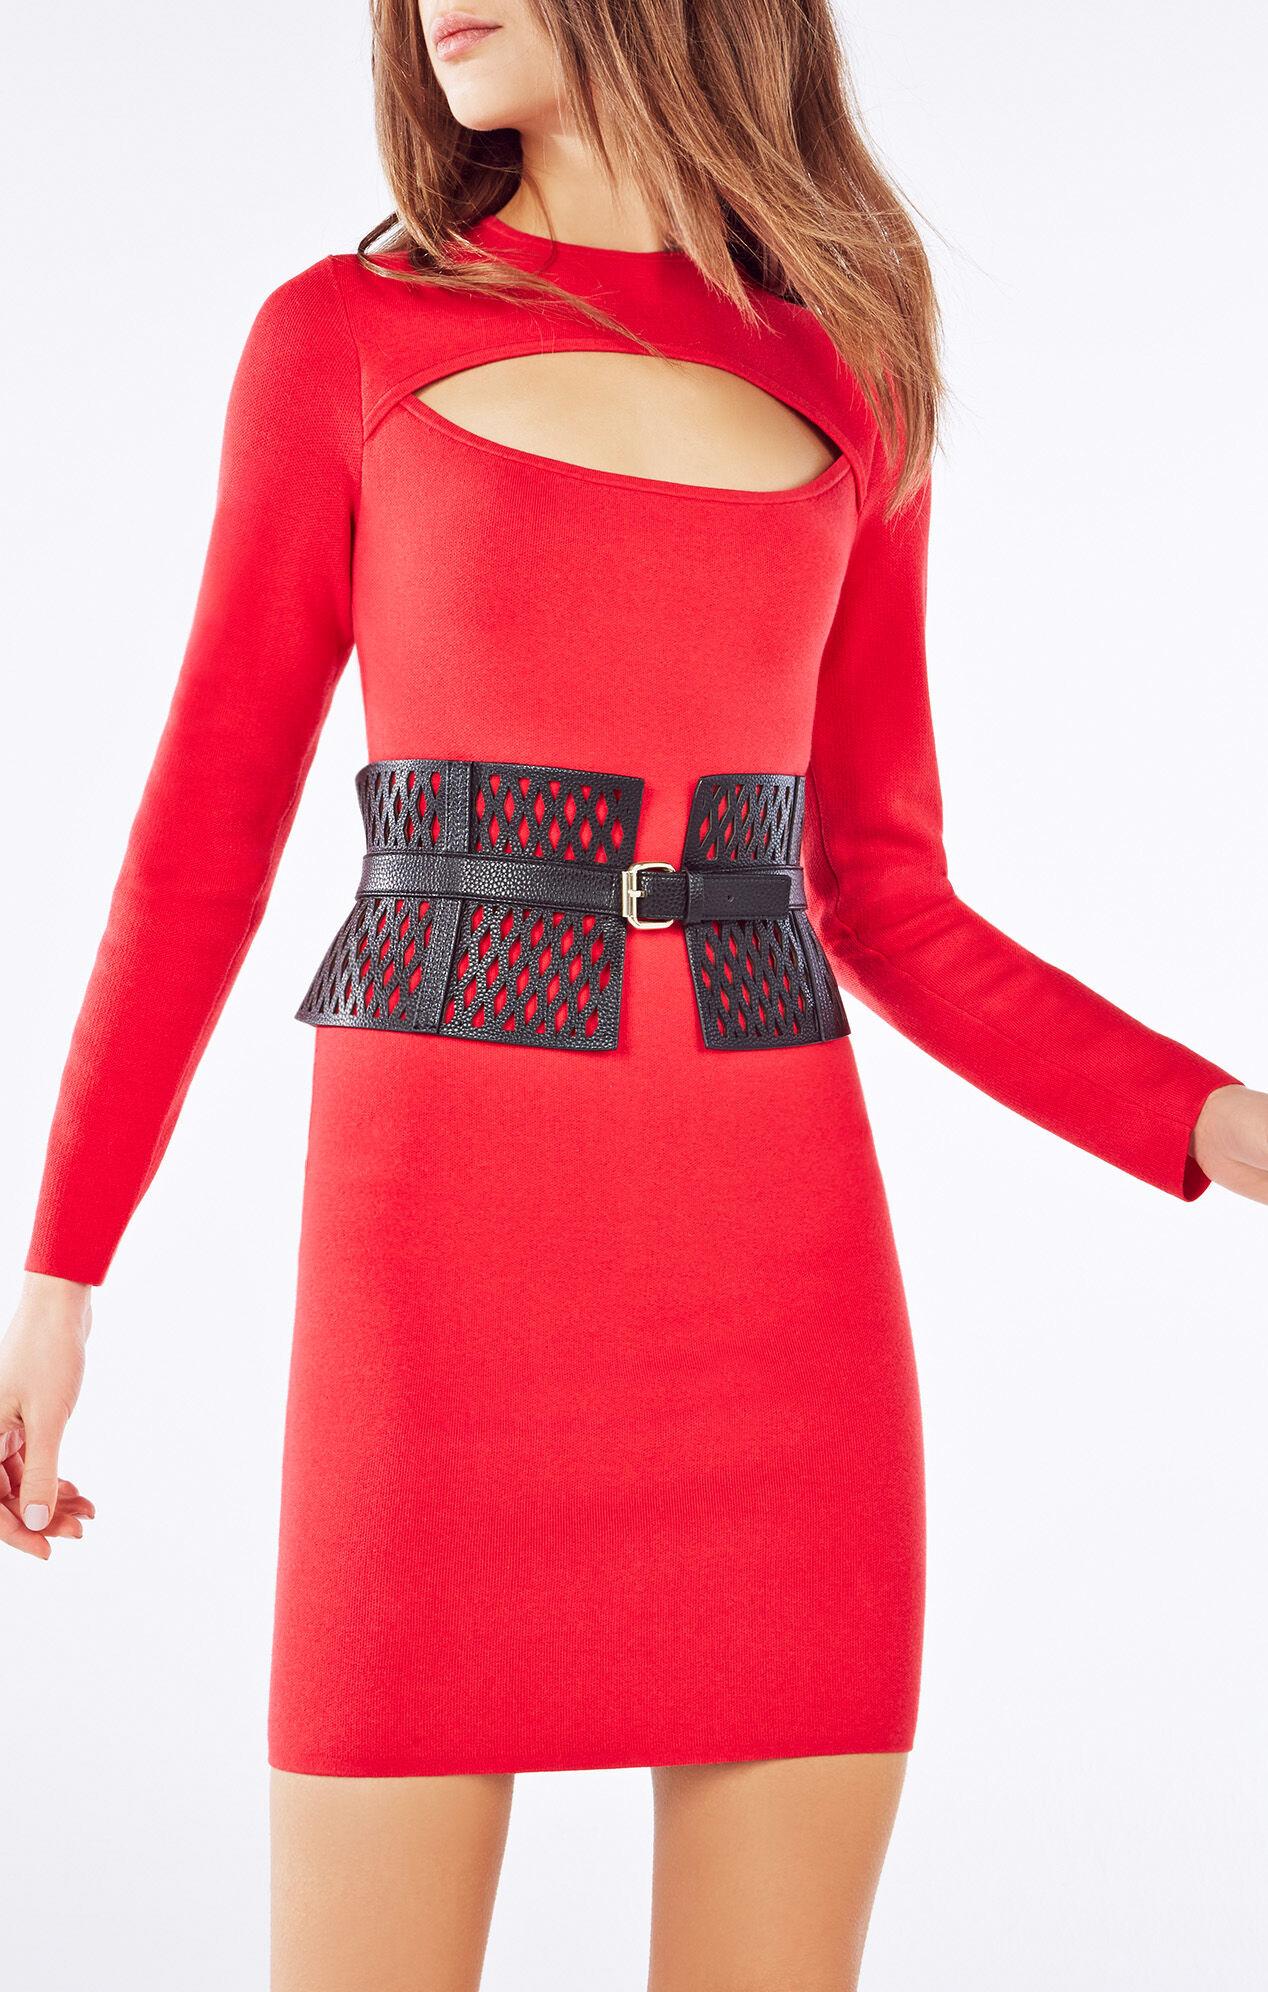 Cutout Faux-Leather Corset Waist Belt